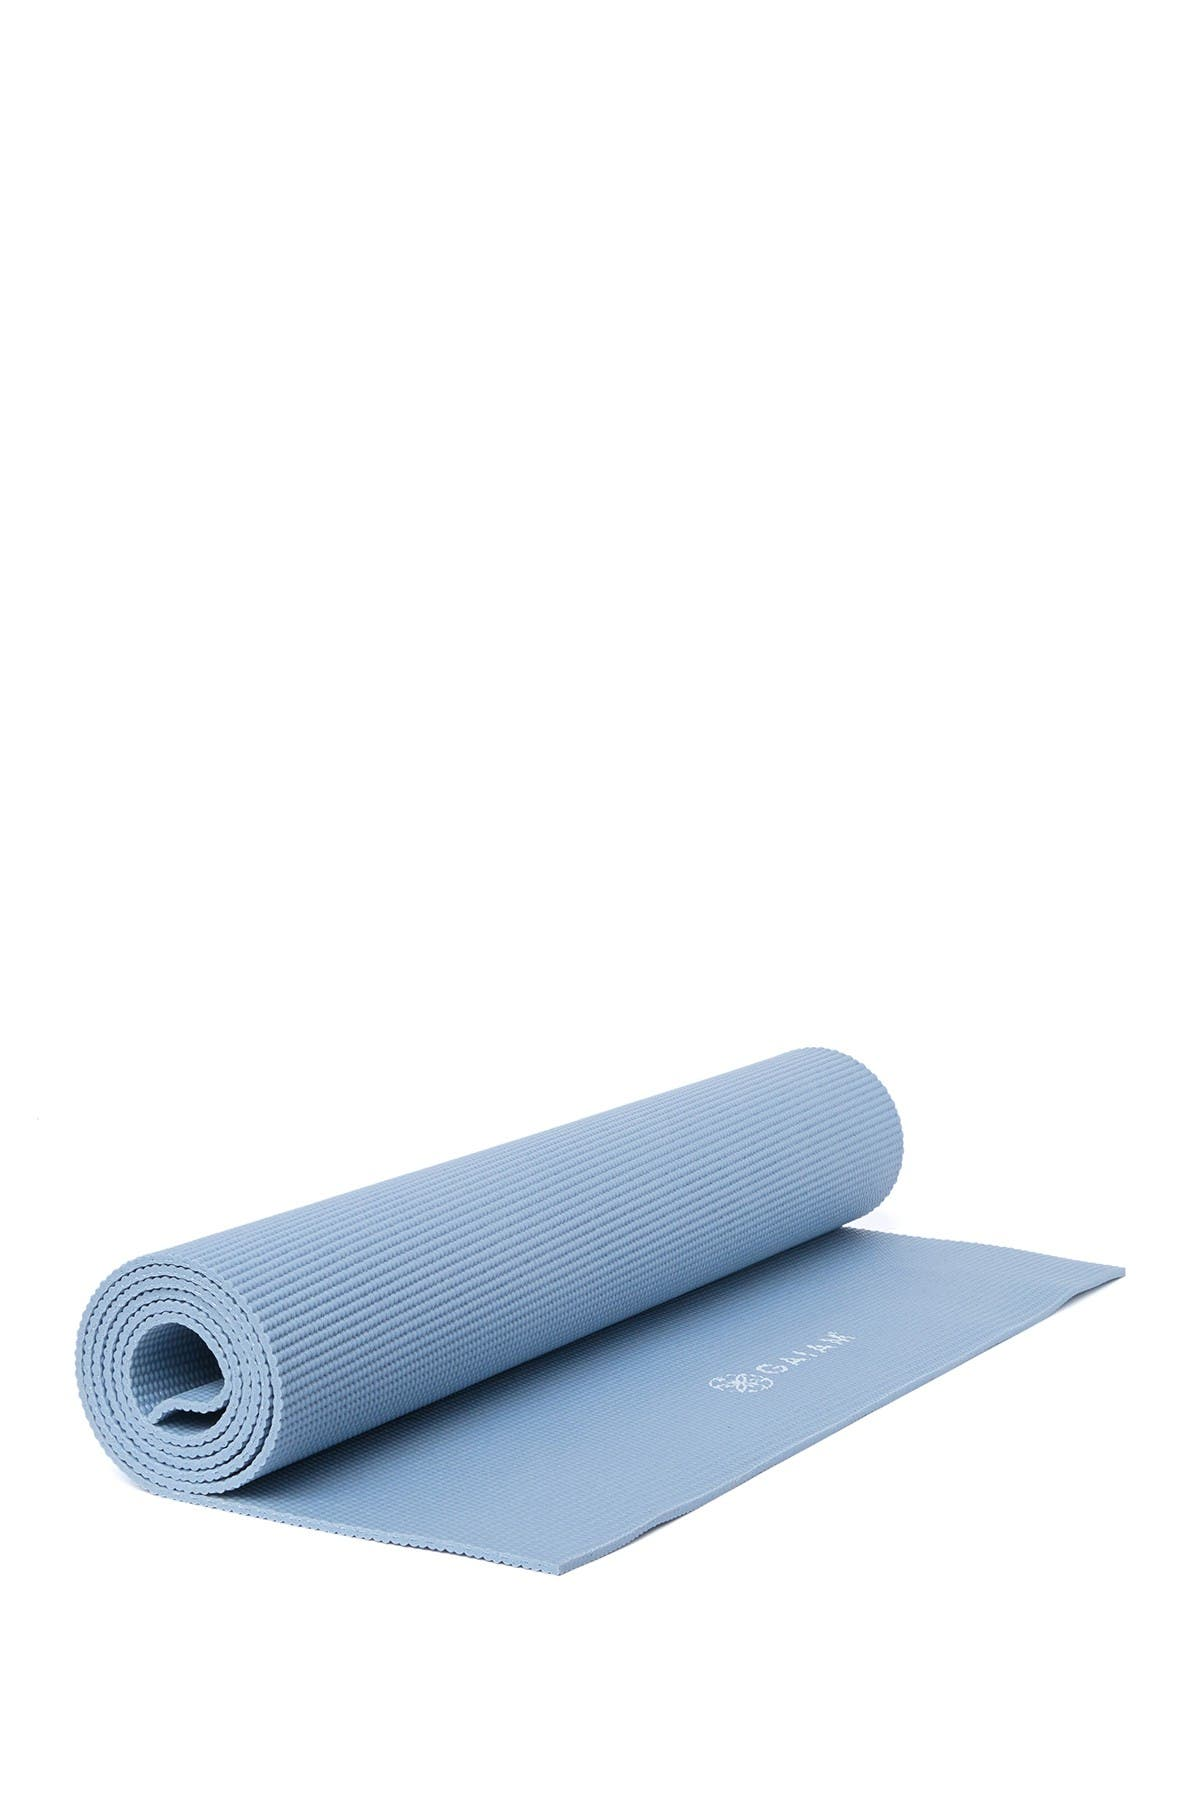 Image of Gaiam 5mm Yoga Mat